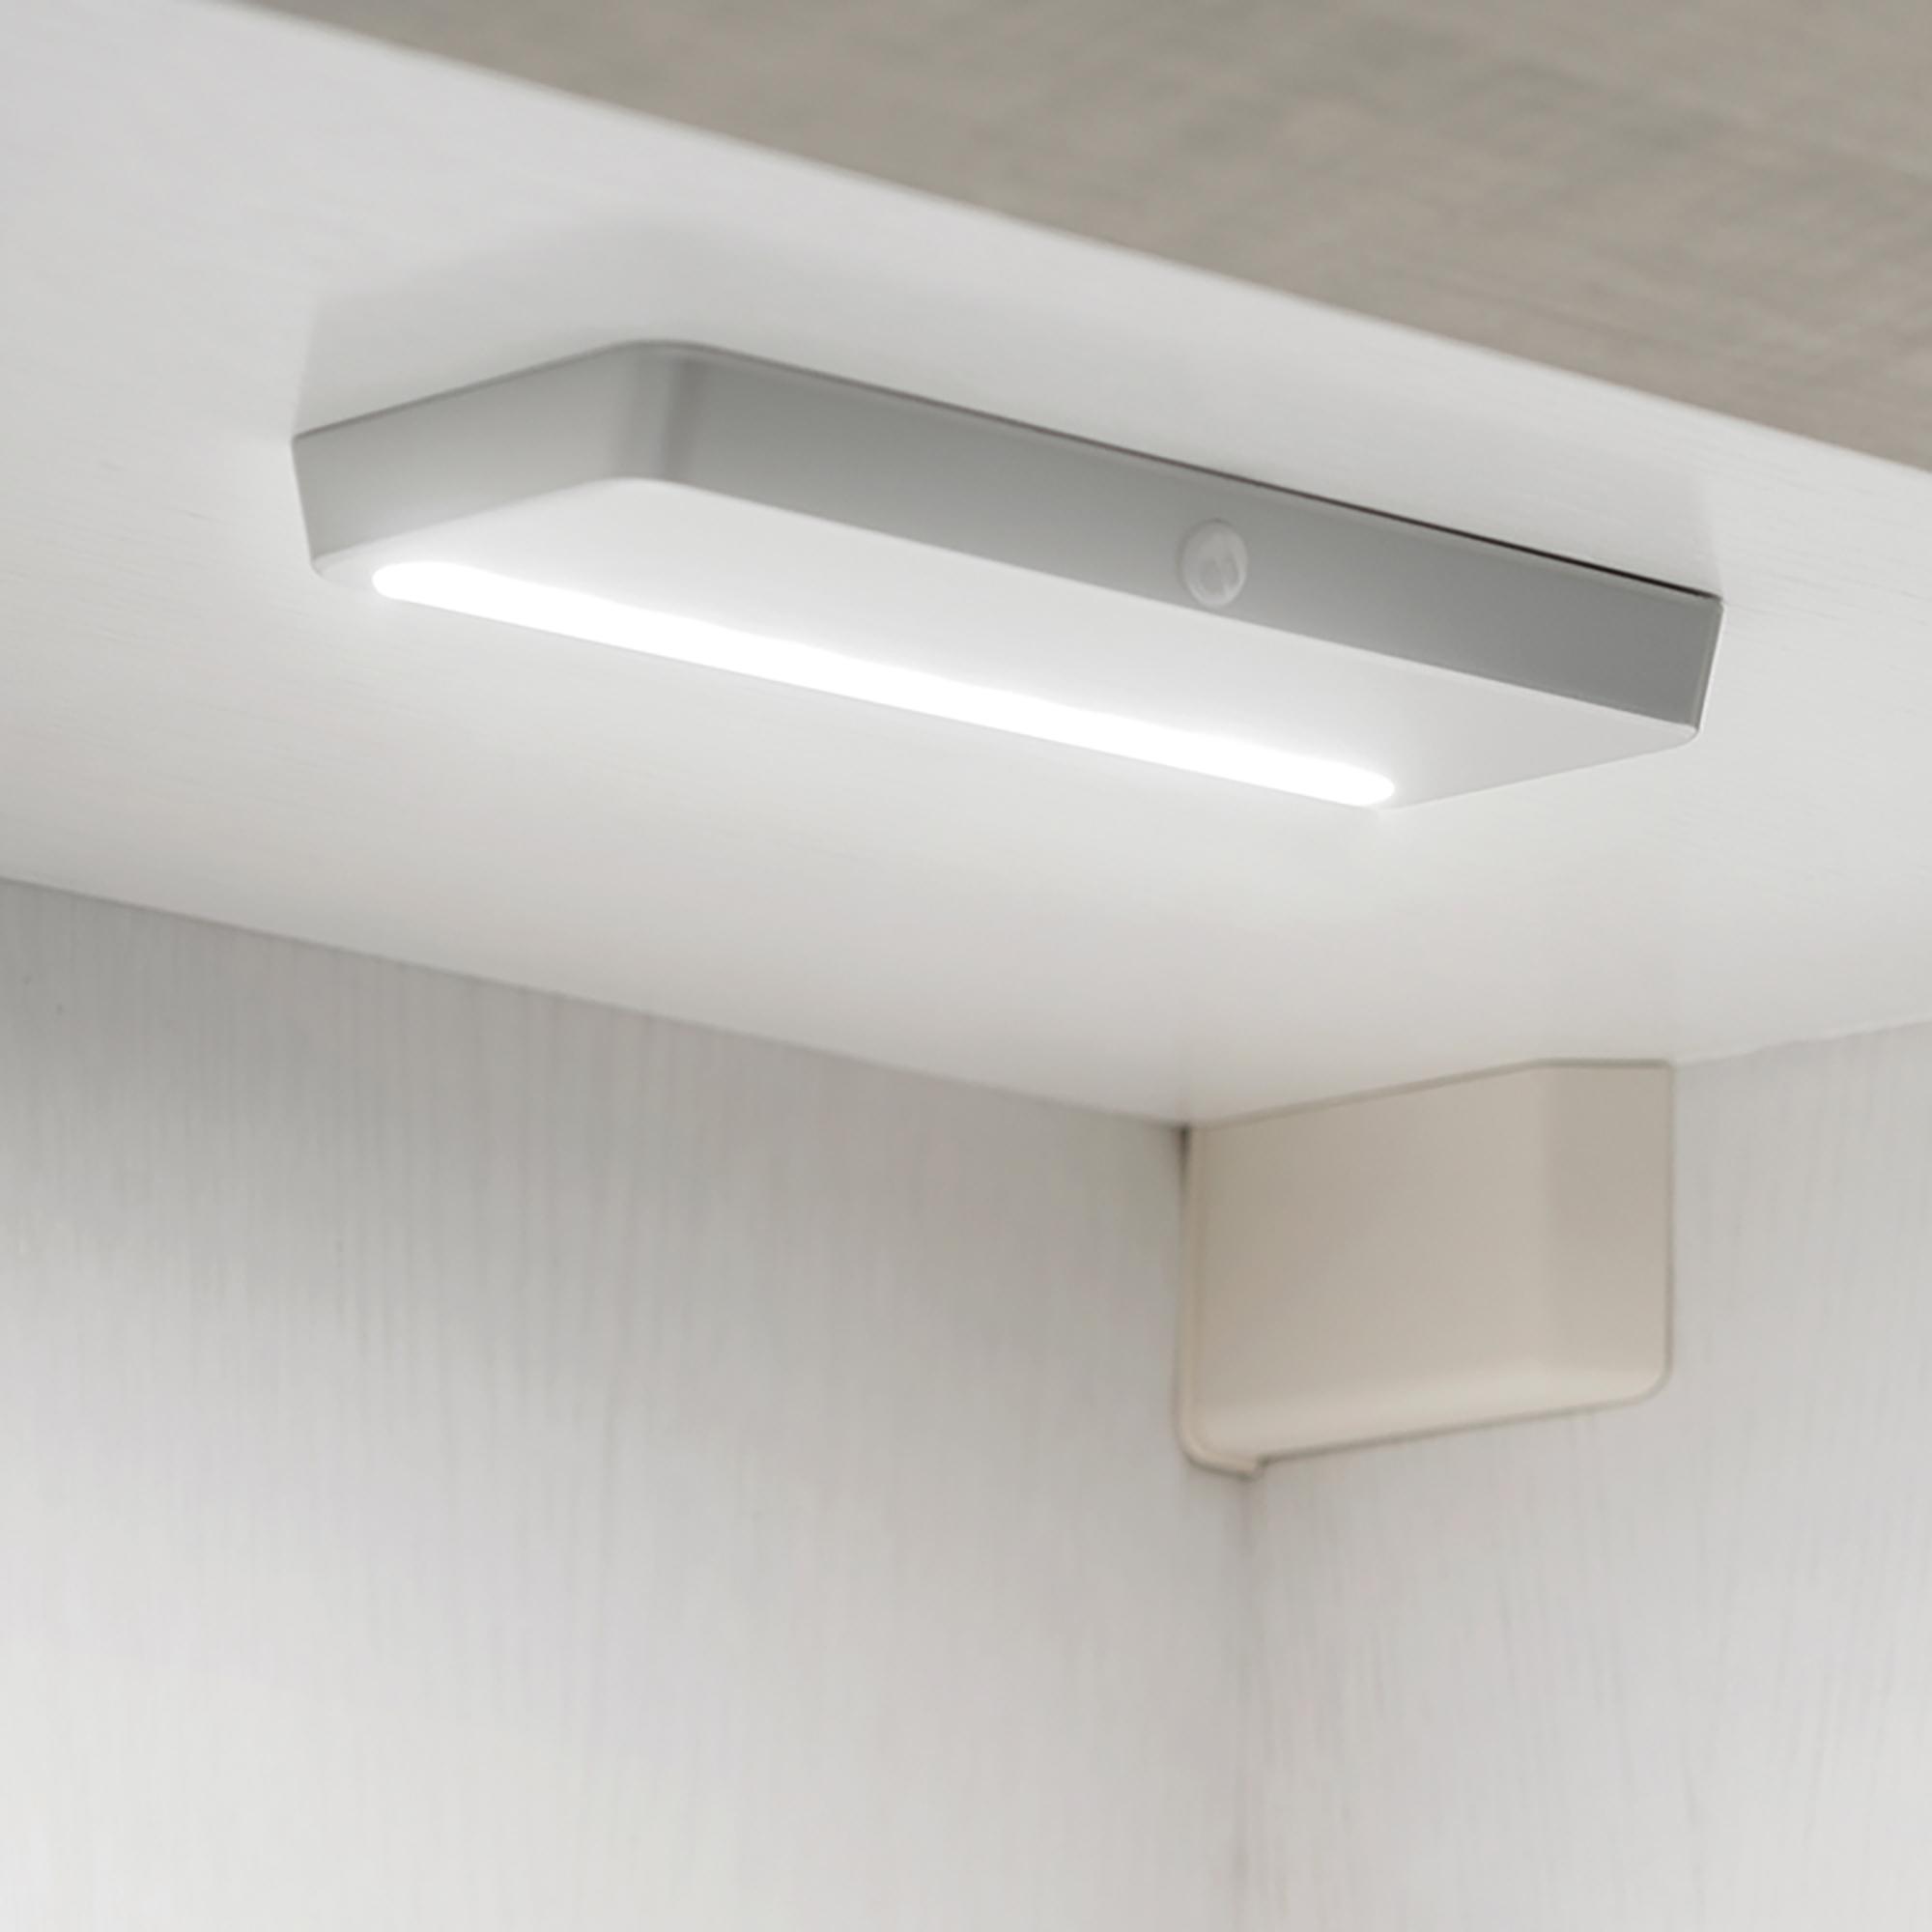 TRIALUX2000 iluminación interior de armarios